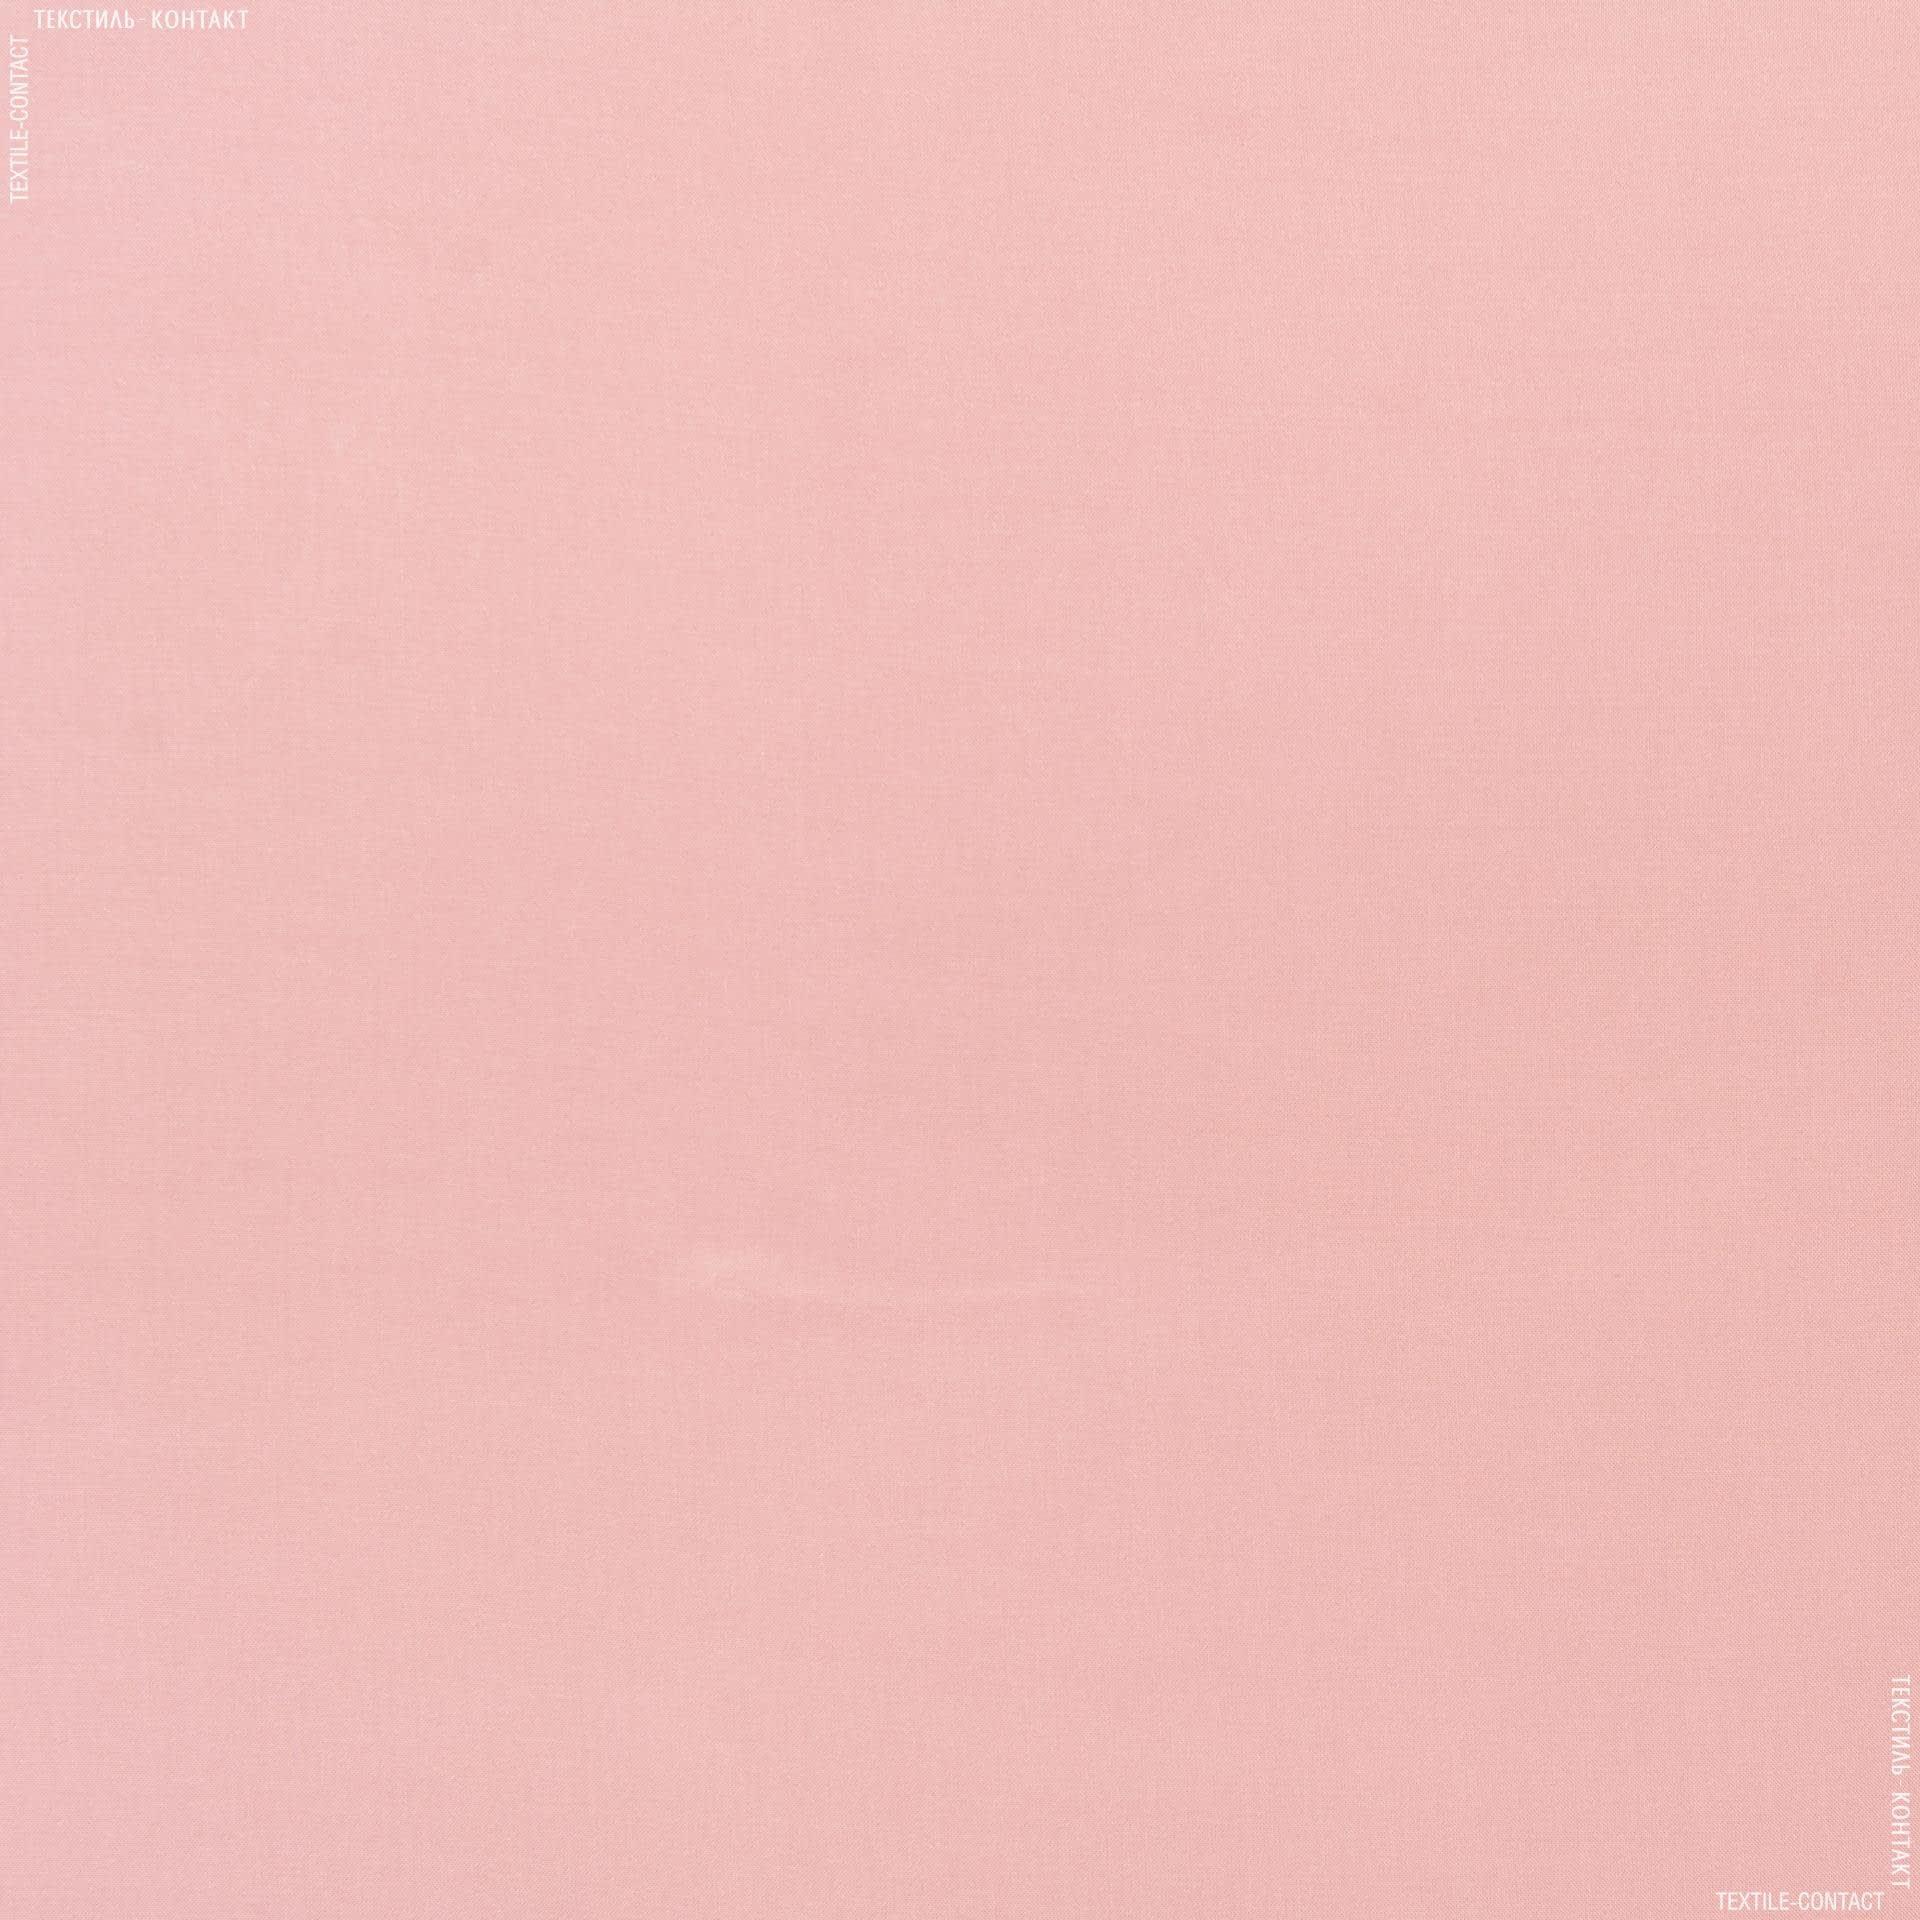 Ткани для детской одежды - Штапель фалма фрезовый